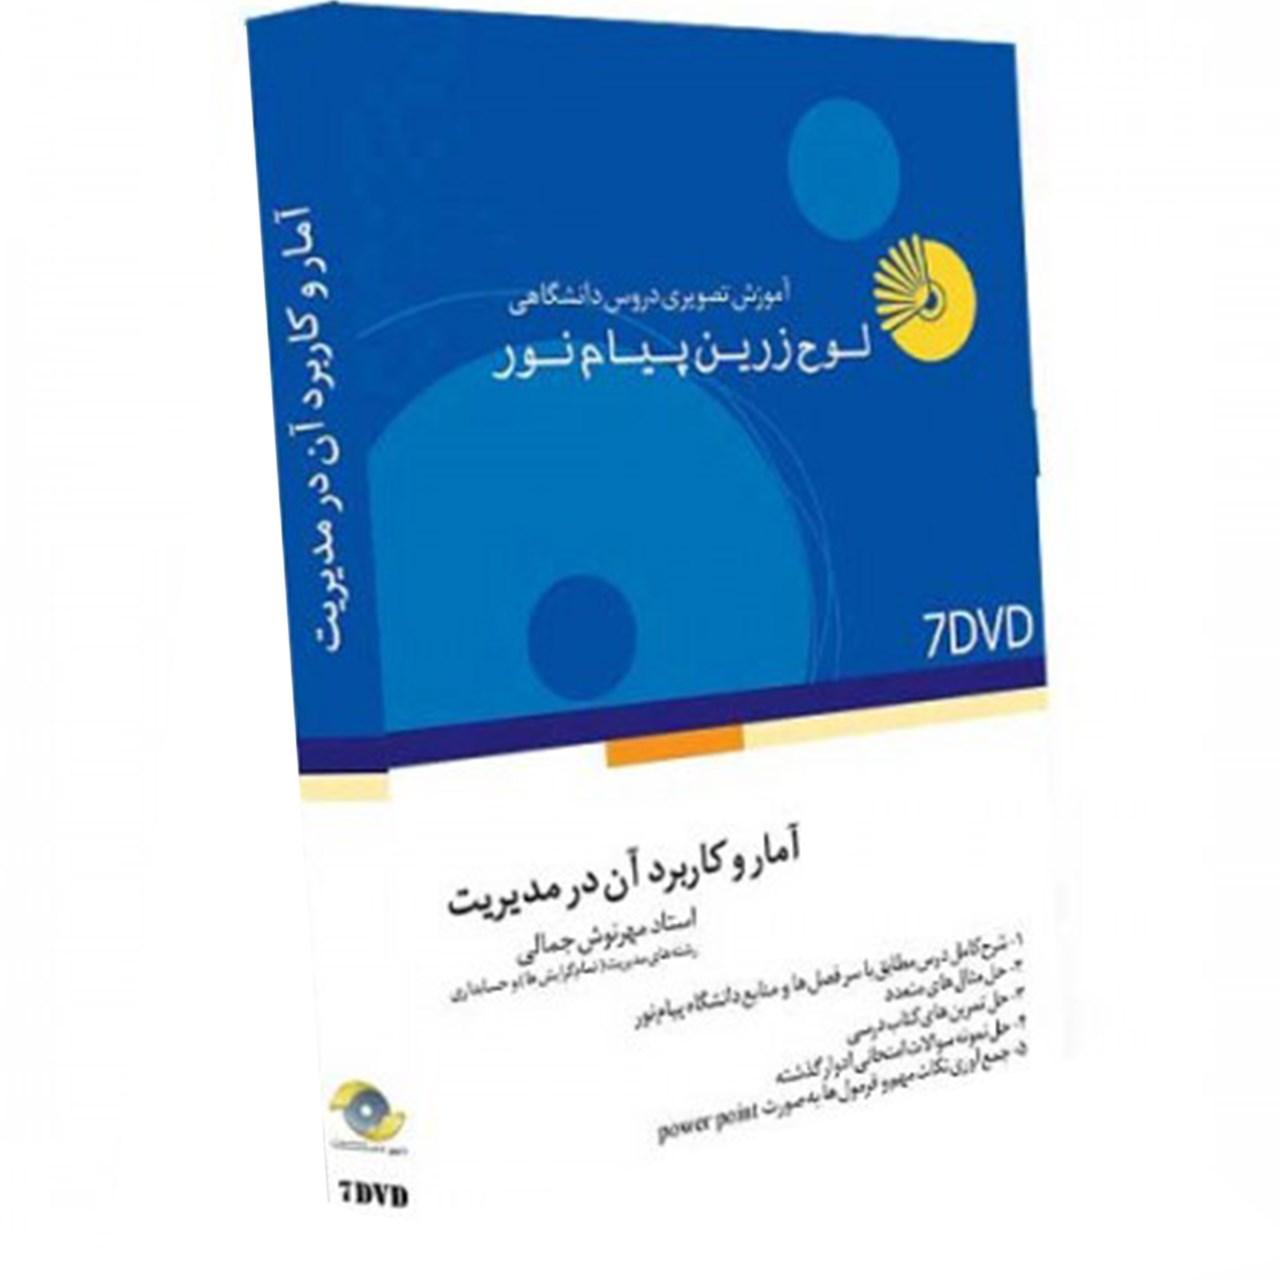 آموزش تصویری آمار و کاربرد آن در مدیریت نشر لوح دانش